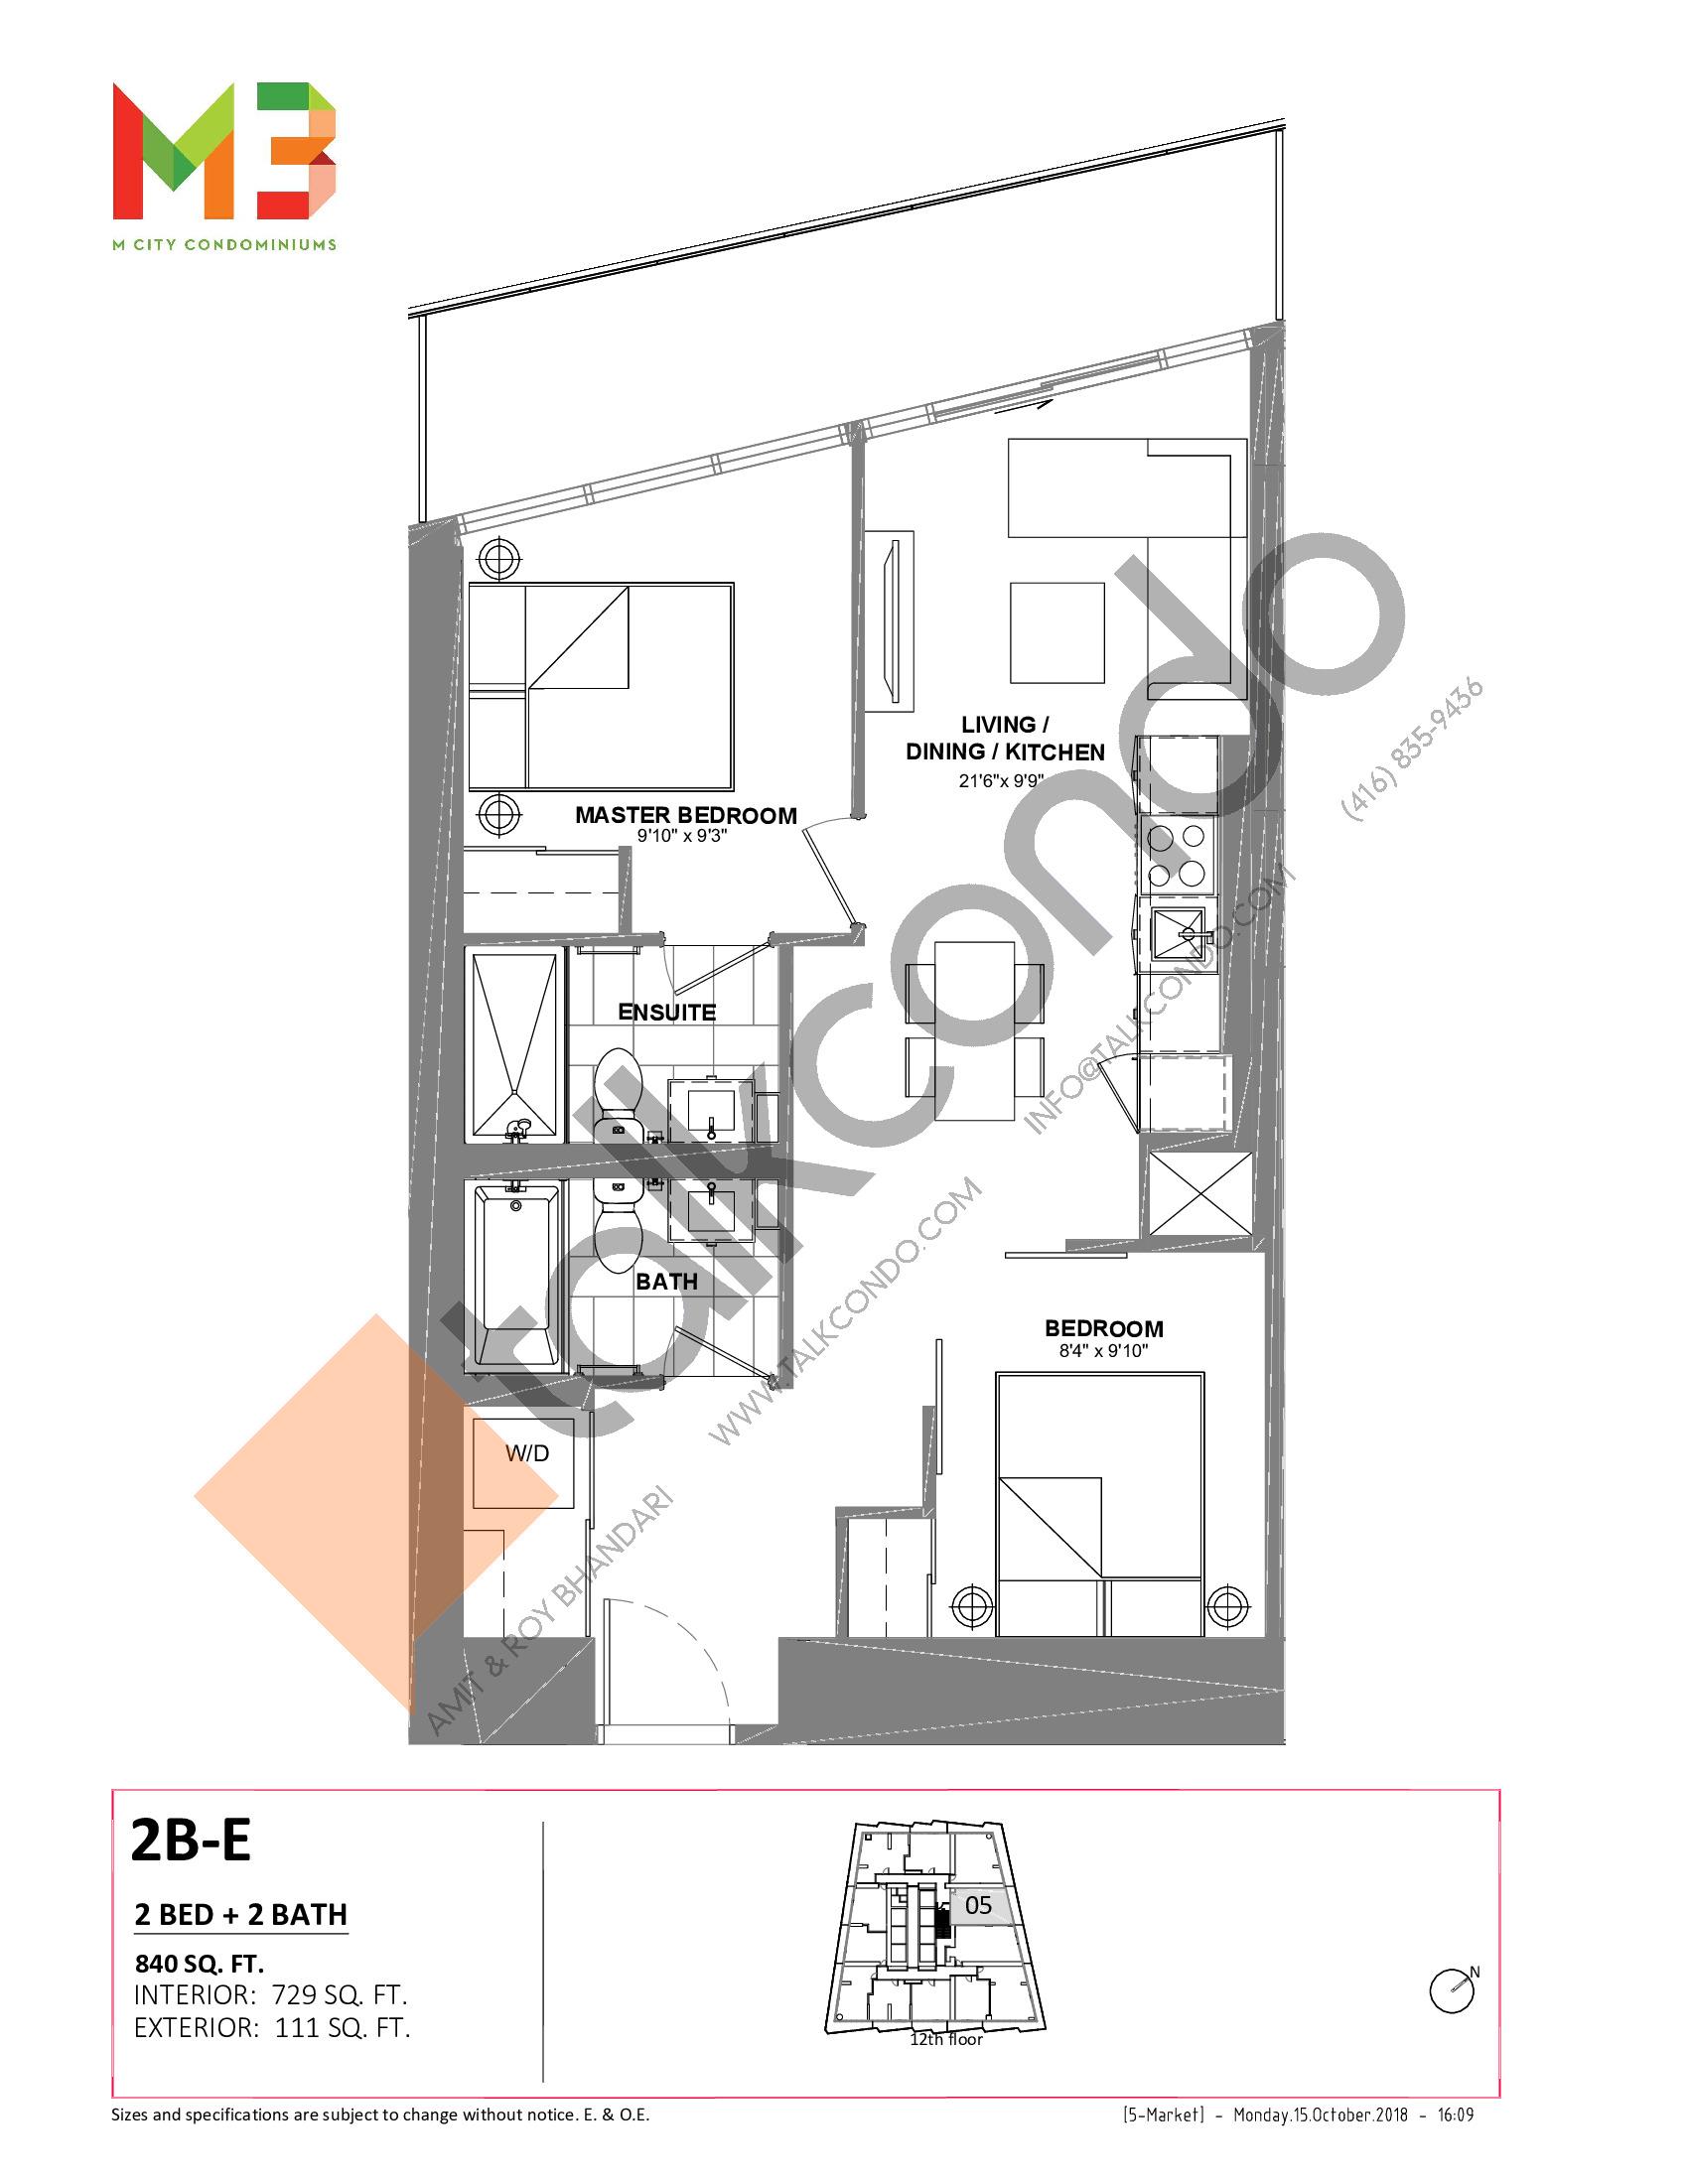 2B-E Floor Plan at M3 Condos - 729 sq.ft